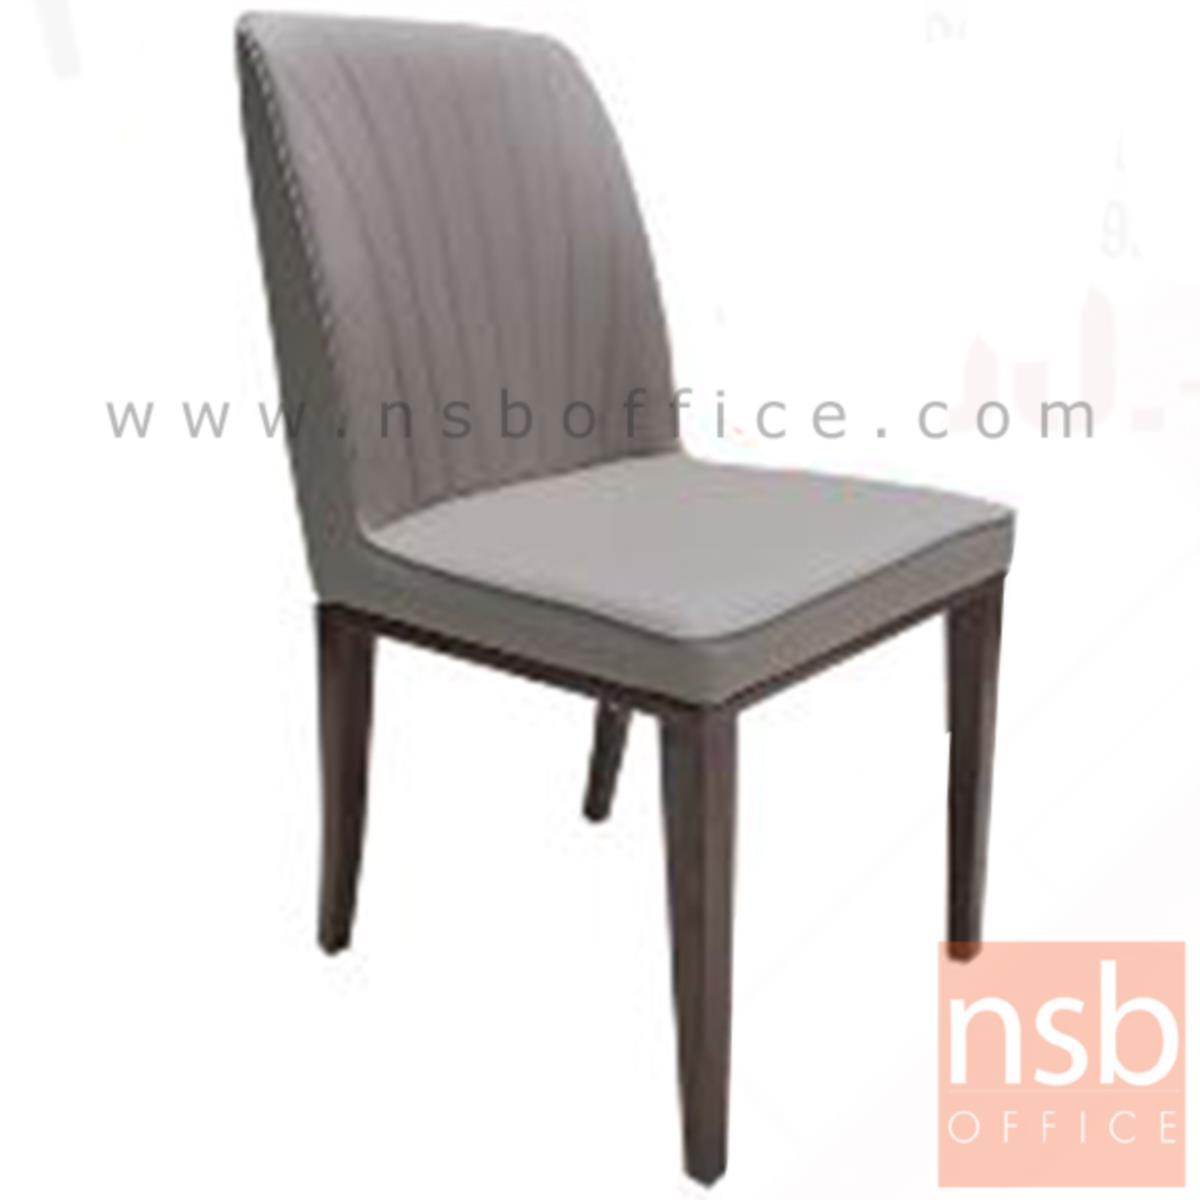 B22A148:เก้าอี้ไม้ที่นั่งหุ้มหนังเทียม รุ่น FT-D932 ขาเหล็กเคลือบลายไม้